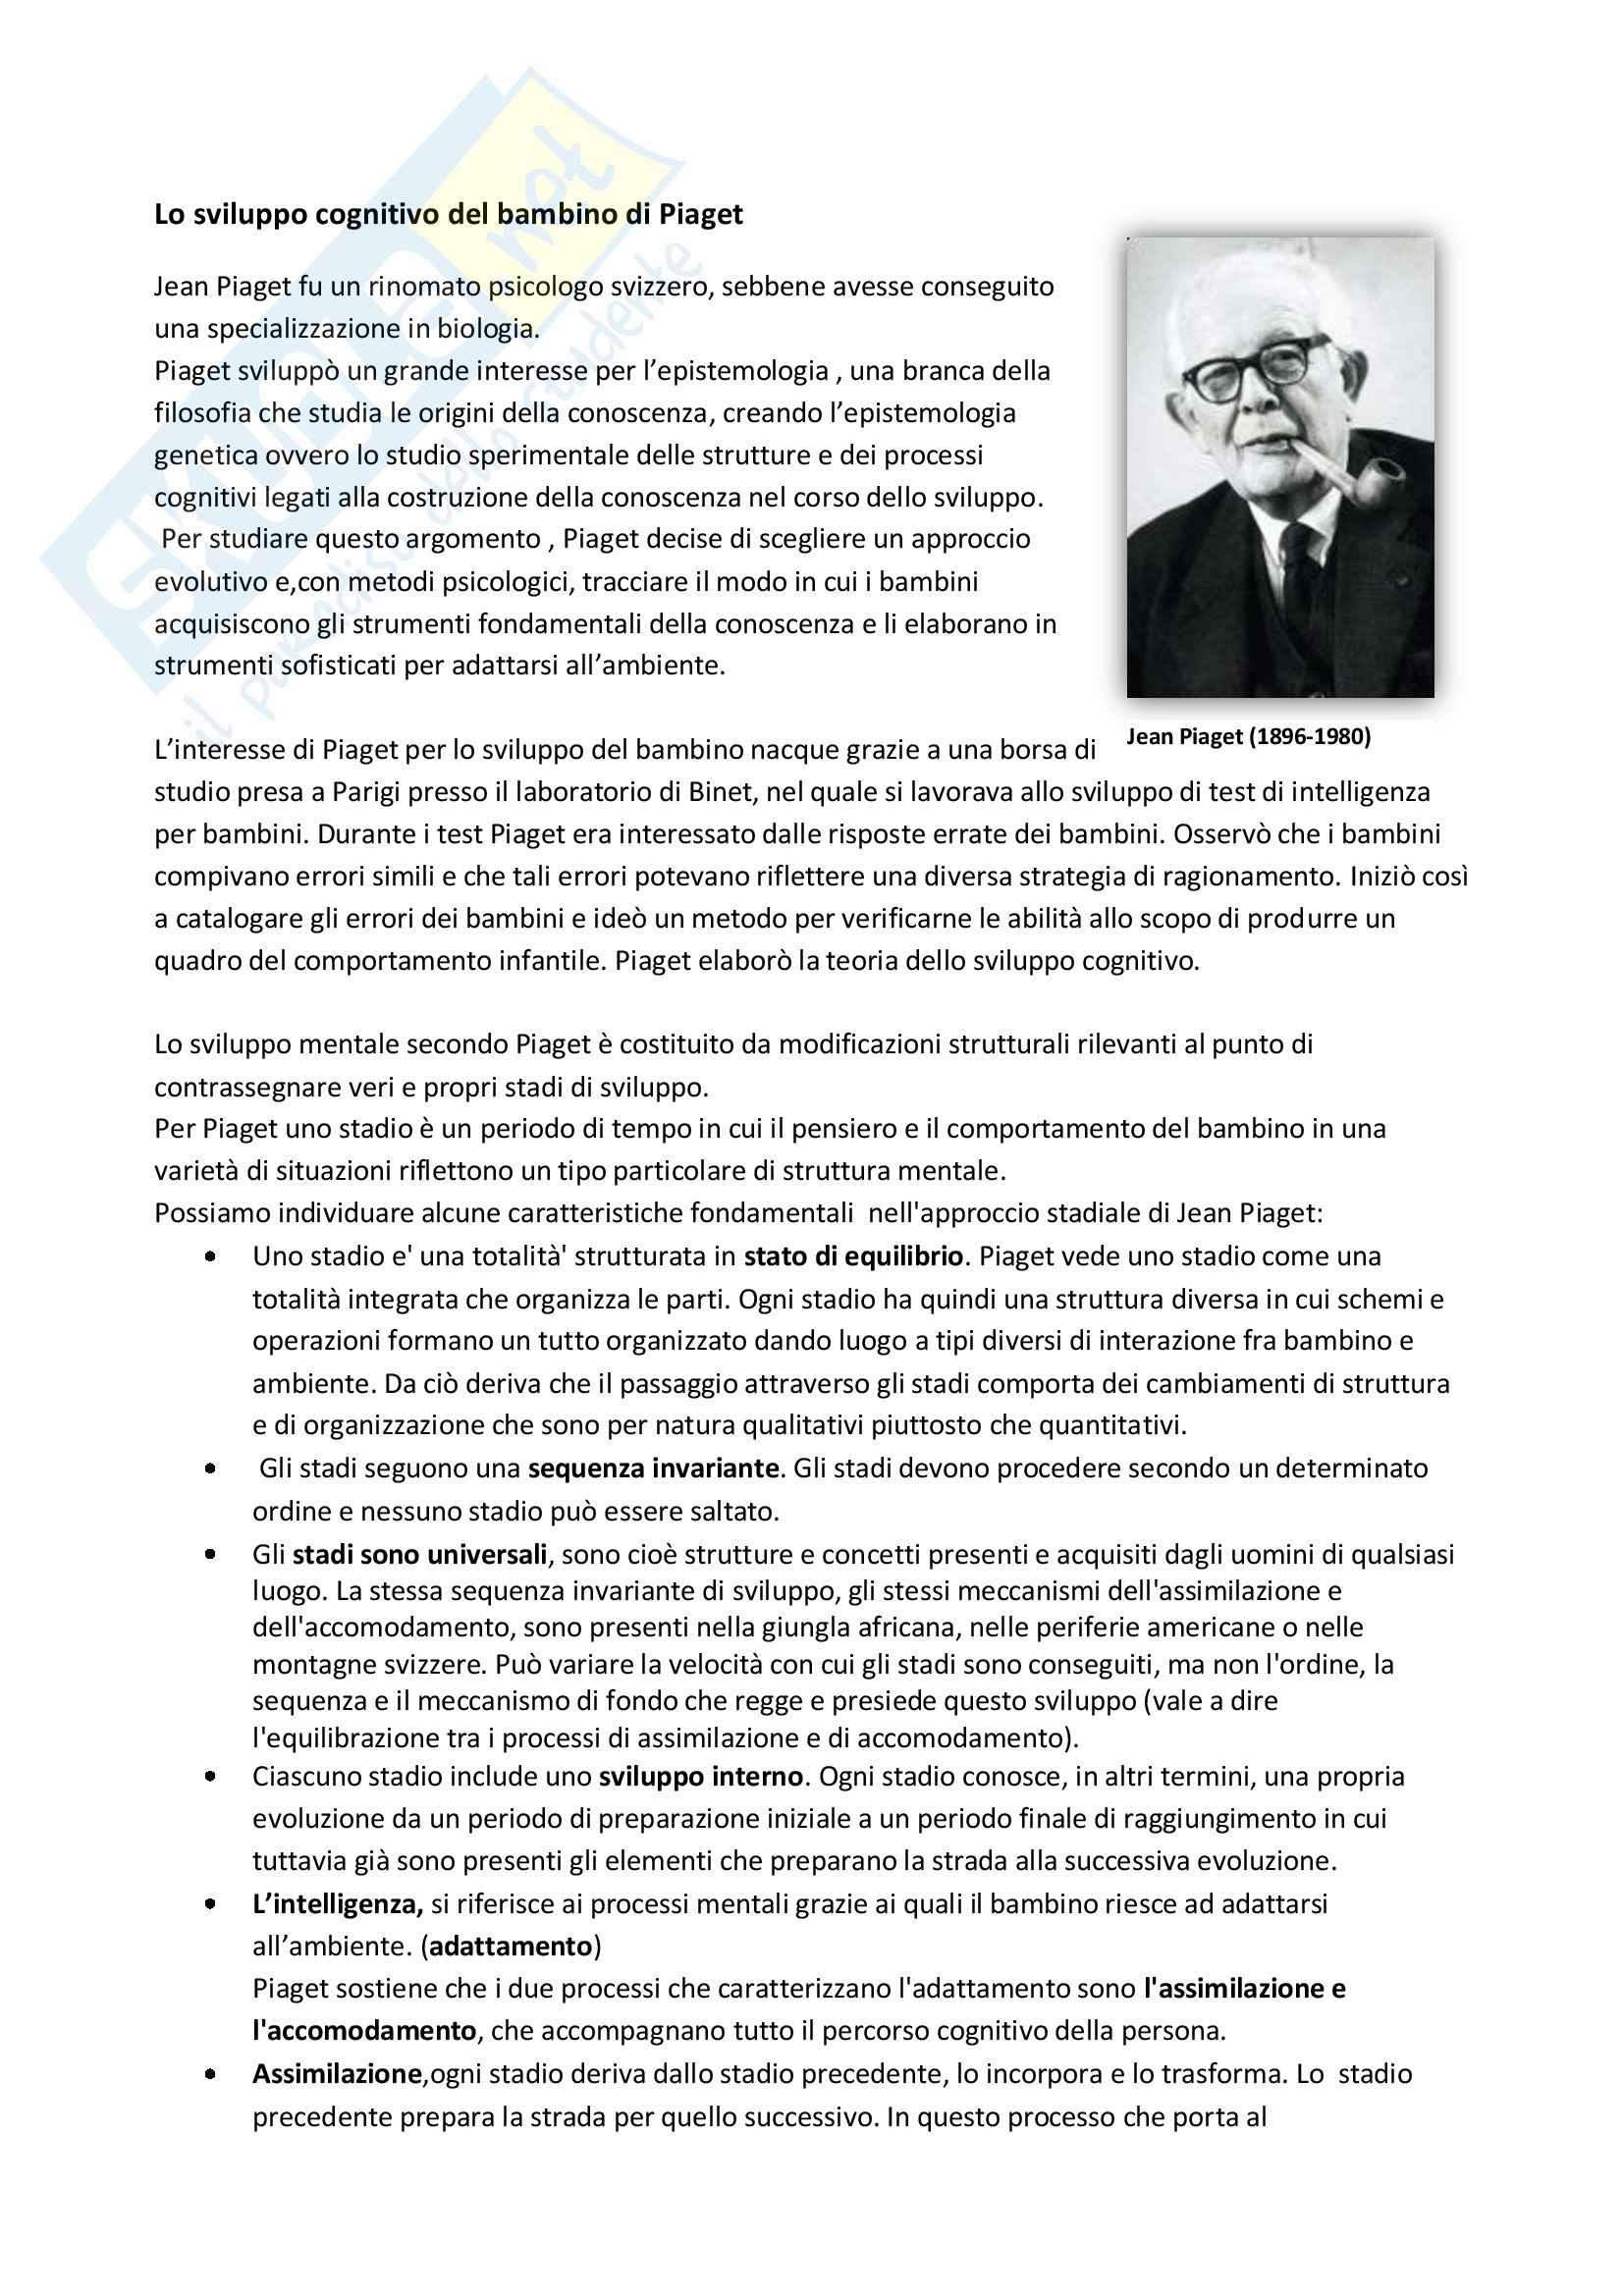 Teoria di Piaget sullo sviluppo cognitivo del bambino, Psicologia dello sviluppo